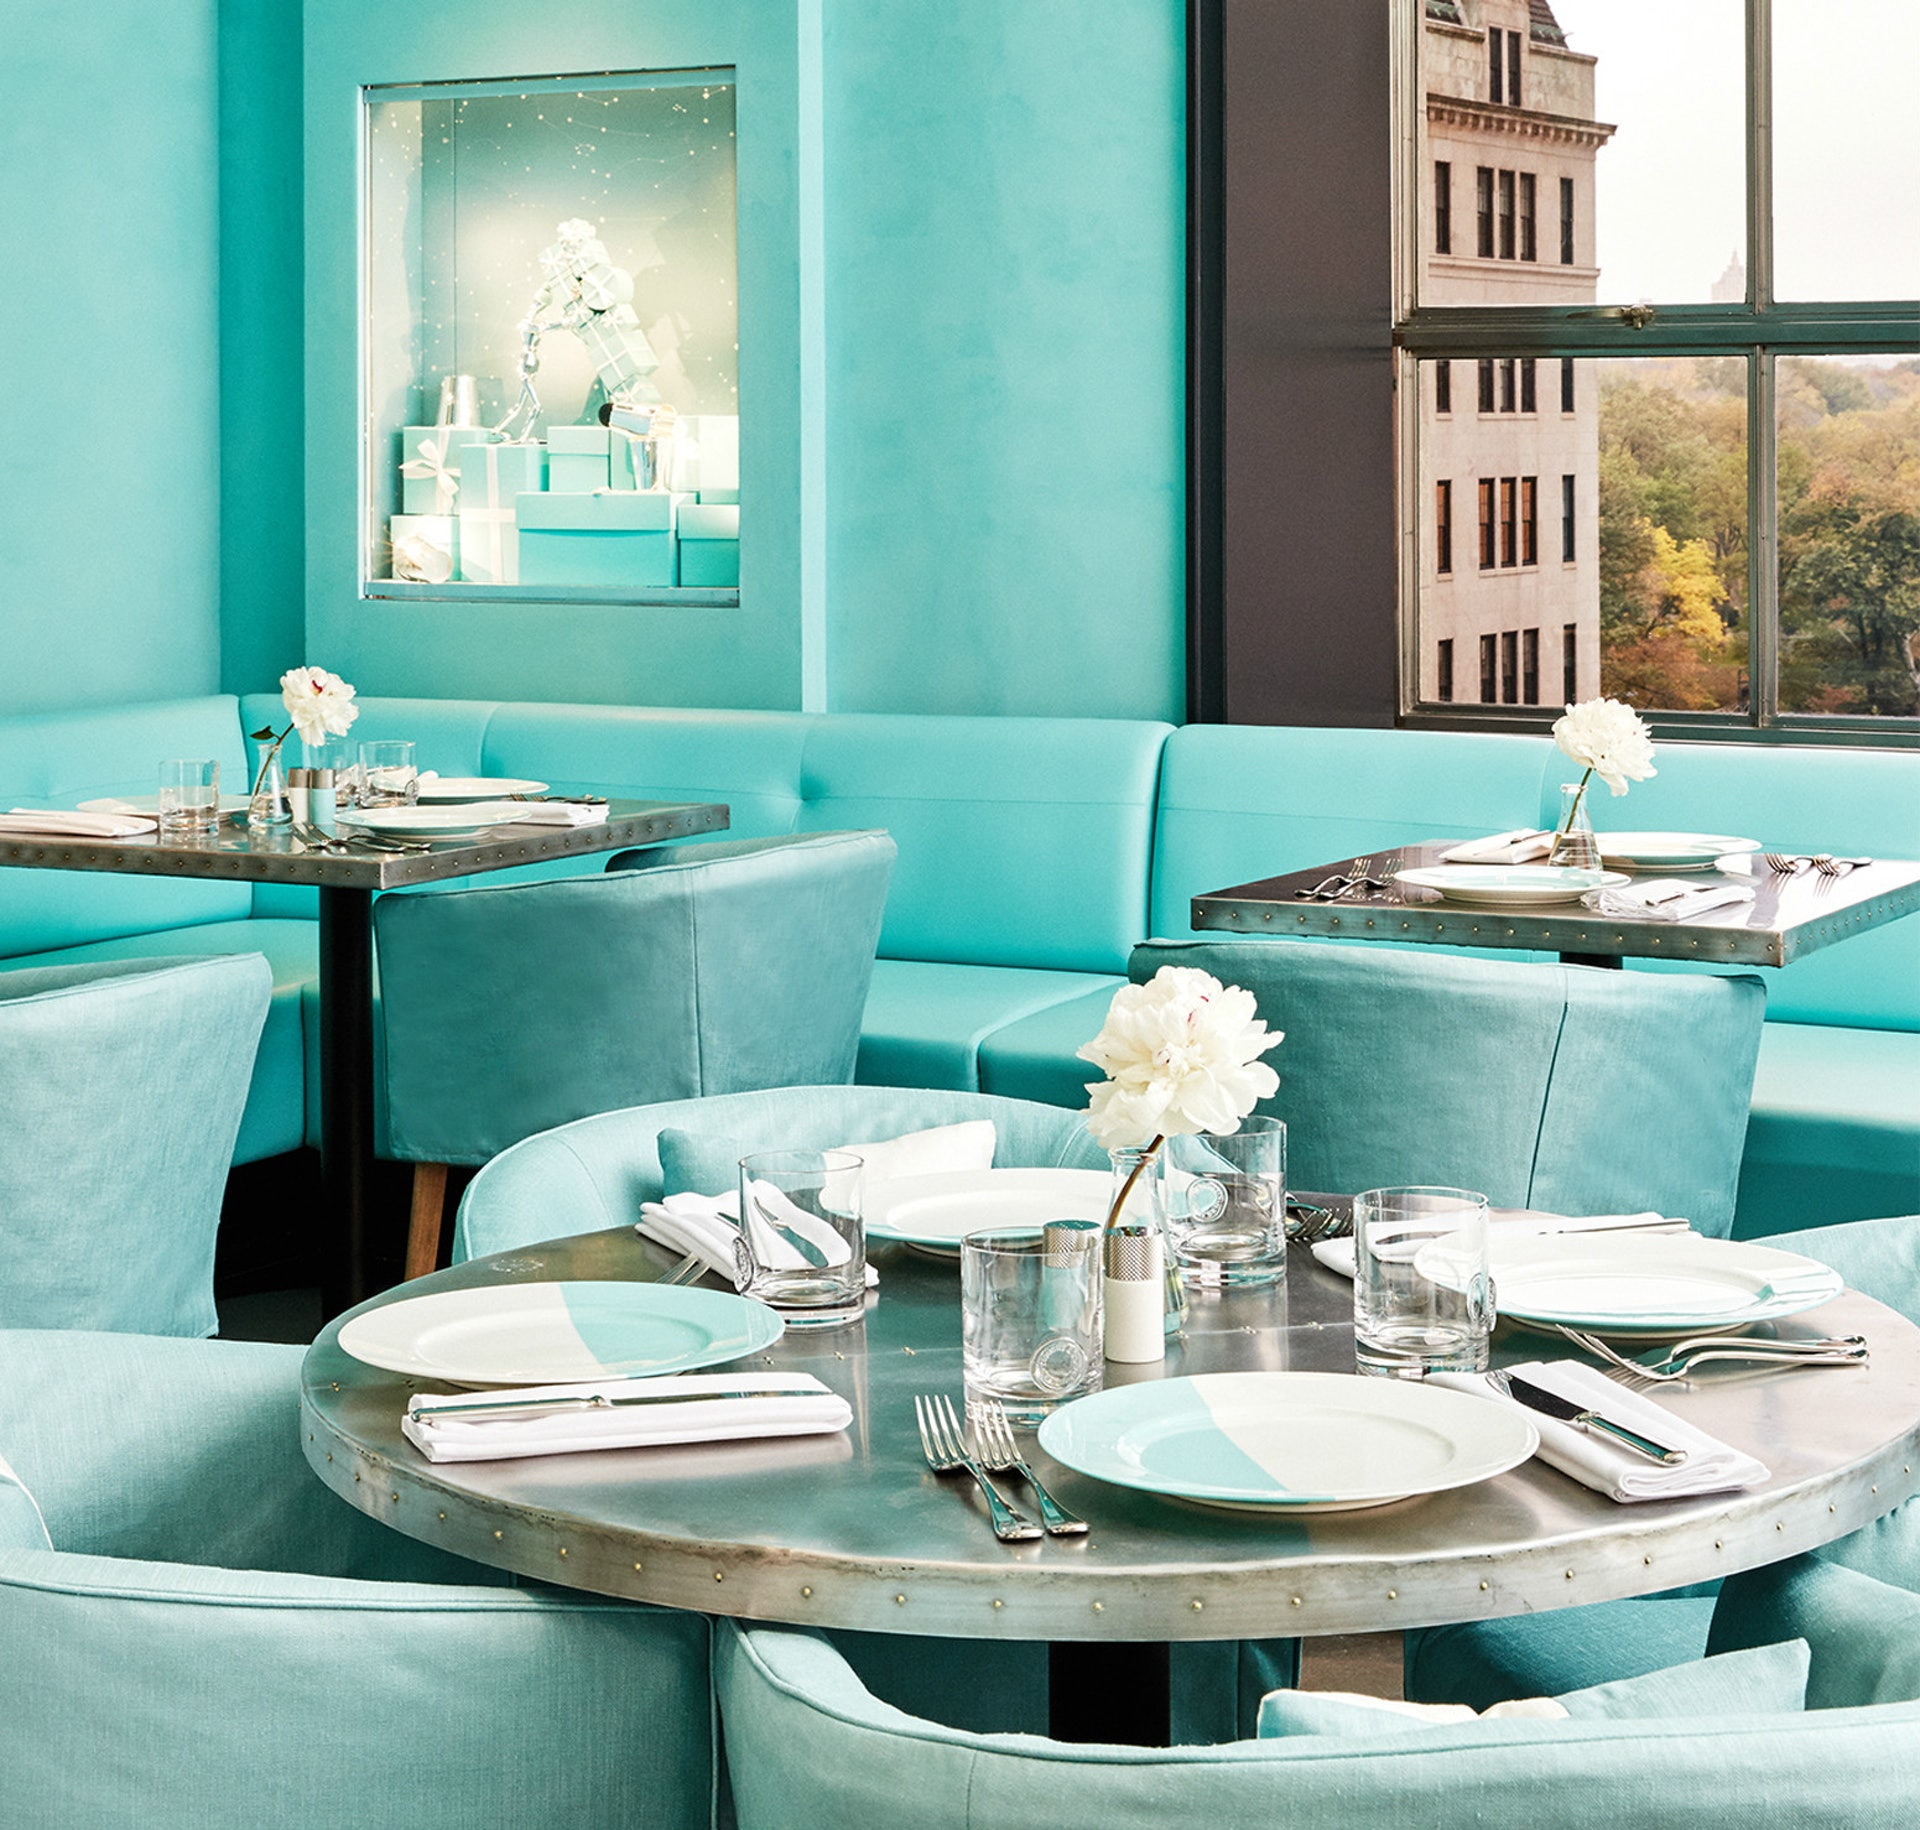 看準這家實體店鋪背後獨特的影響力,Tiffany砸了2.5億美元重新裝修店鋪,將旗艦店的四樓,改裝成藍盒子咖啡館(Blue Box Café)。(Tiffany官網)